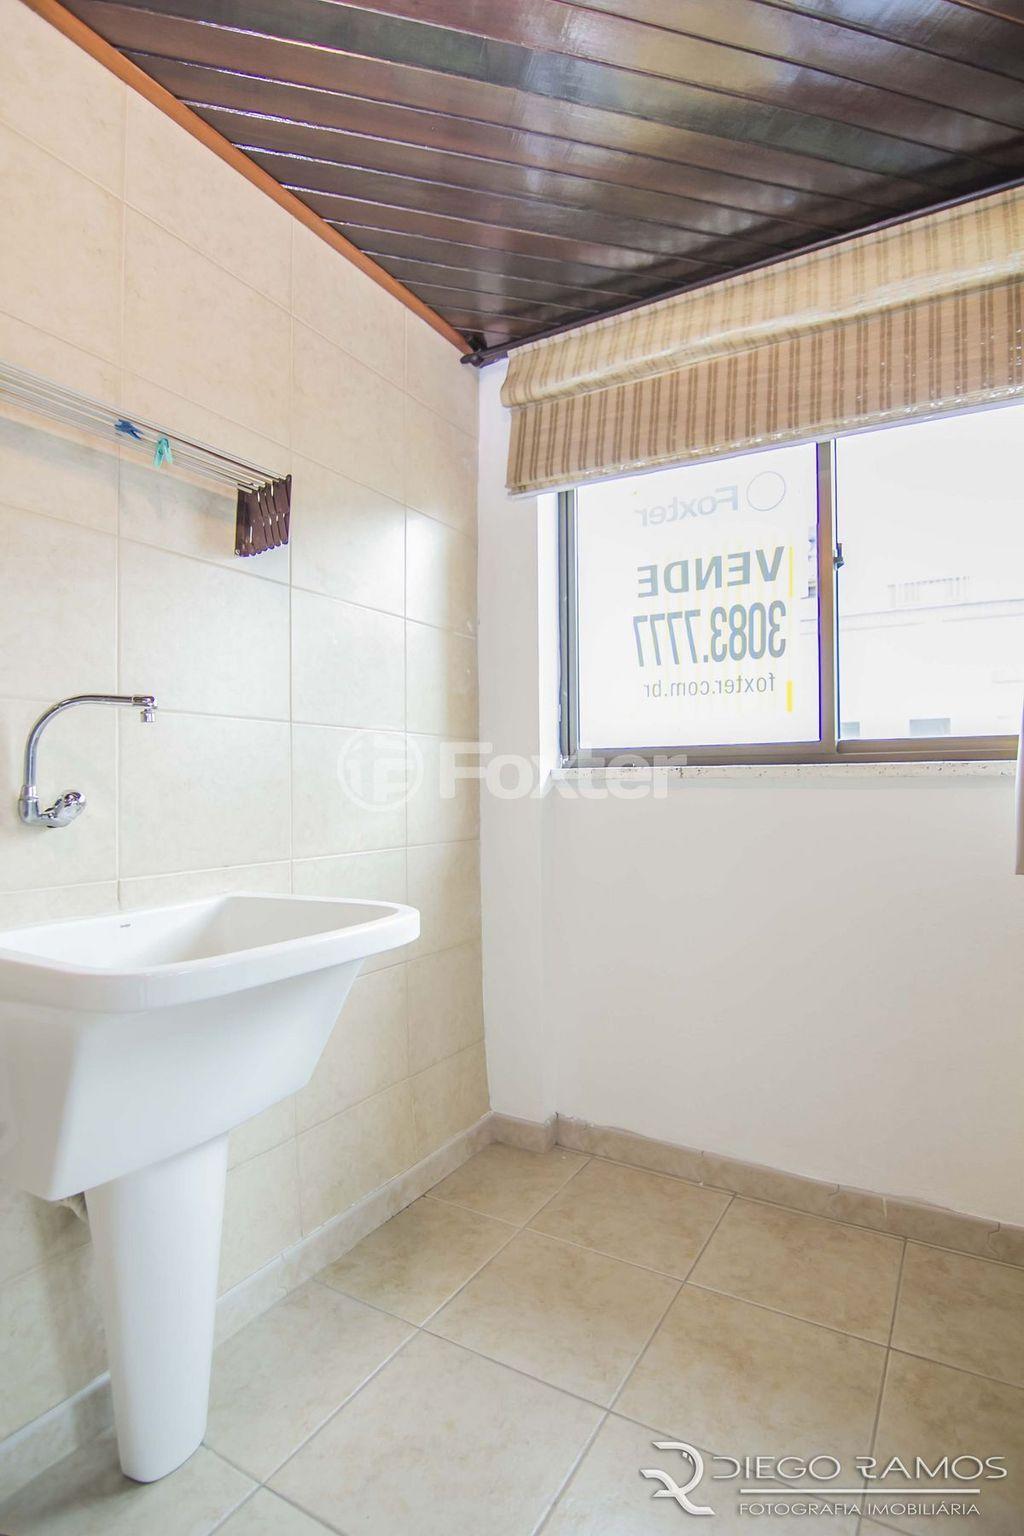 Foxter Imobiliária - Cobertura 1 Dorm (147353) - Foto 21